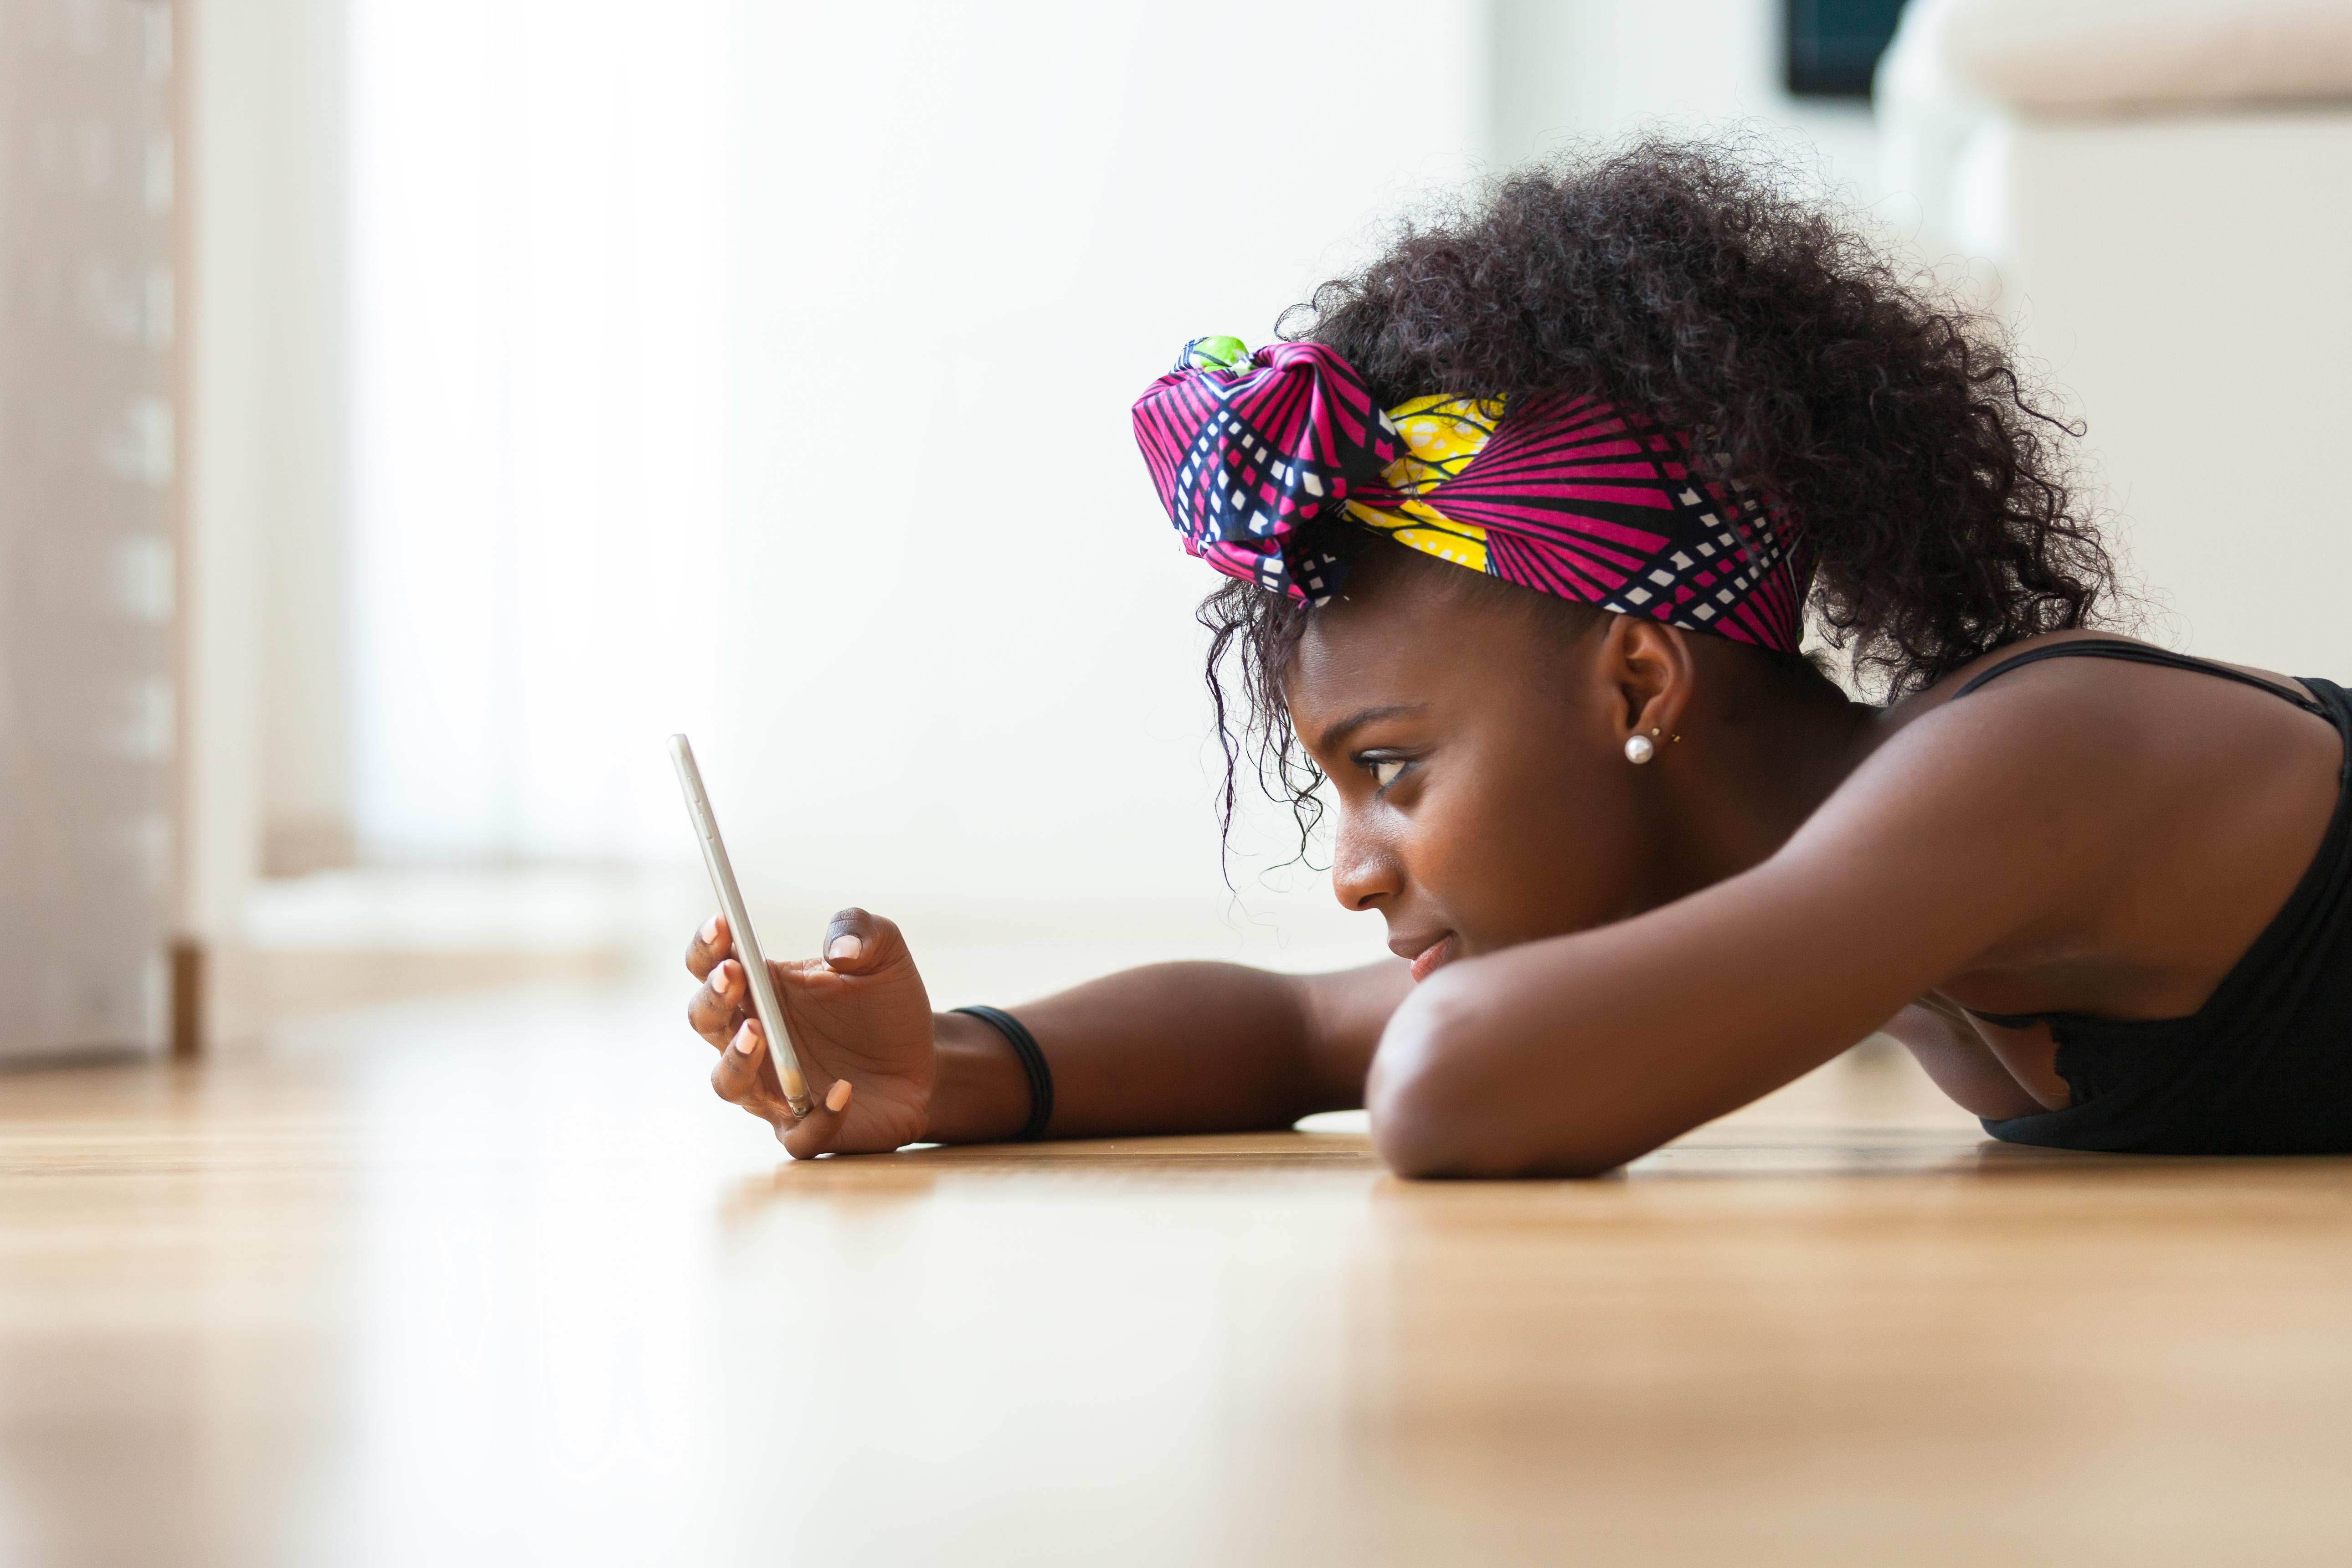 Studien visar bland annat att barn och ungdomar äter för dåligt och rör sig för lite och att det finns ett samband med skärmanvändningen.